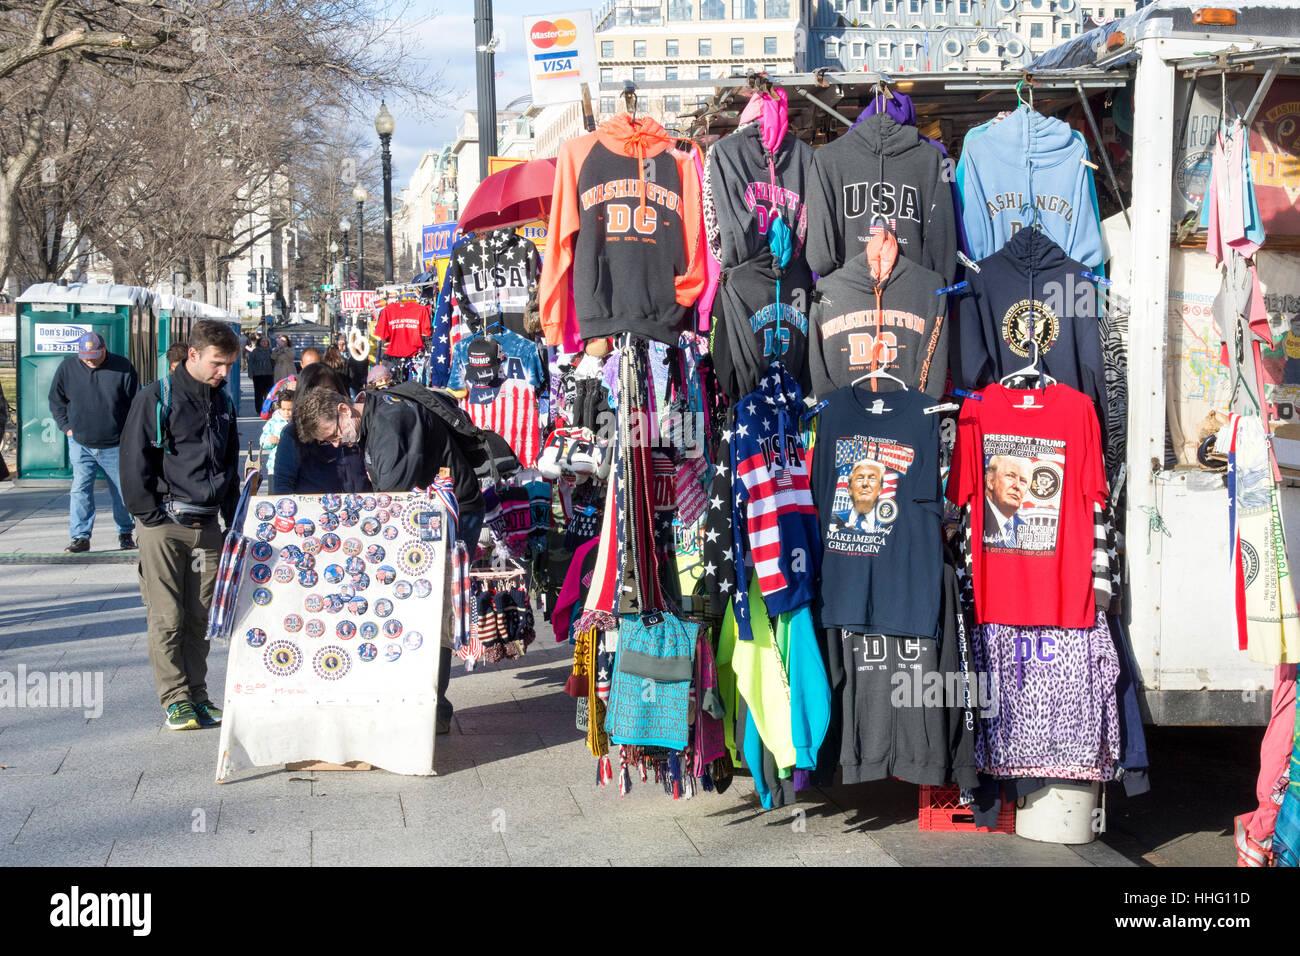 Washington DC, USA. 18. Januar 2017. In der Nähe von das Weiße Haus in Washington, DC, Straßenhändler Stockbild